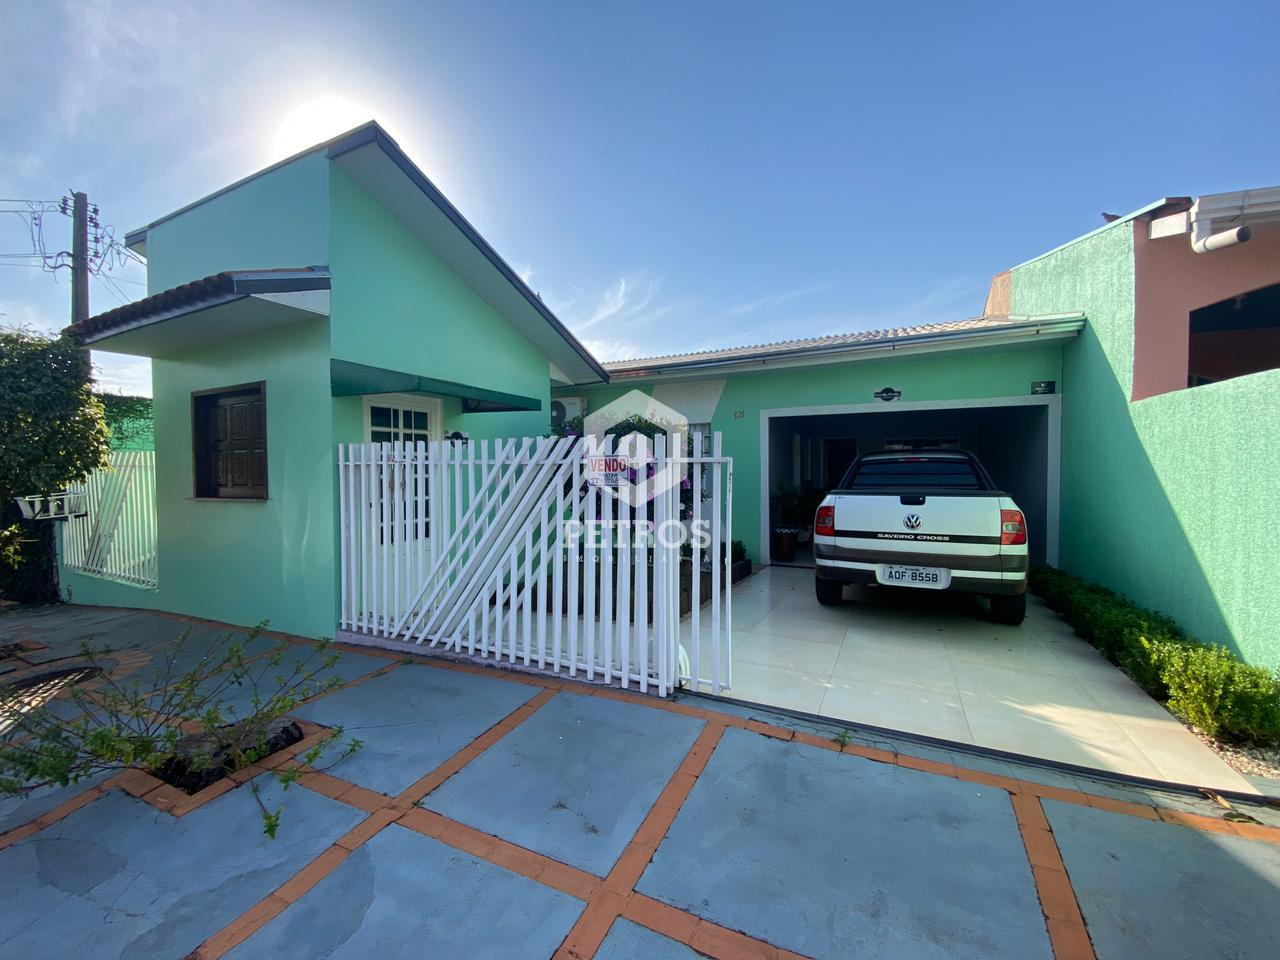 Casa localizada na Vila Pioneira - Frente ao campo de futebol